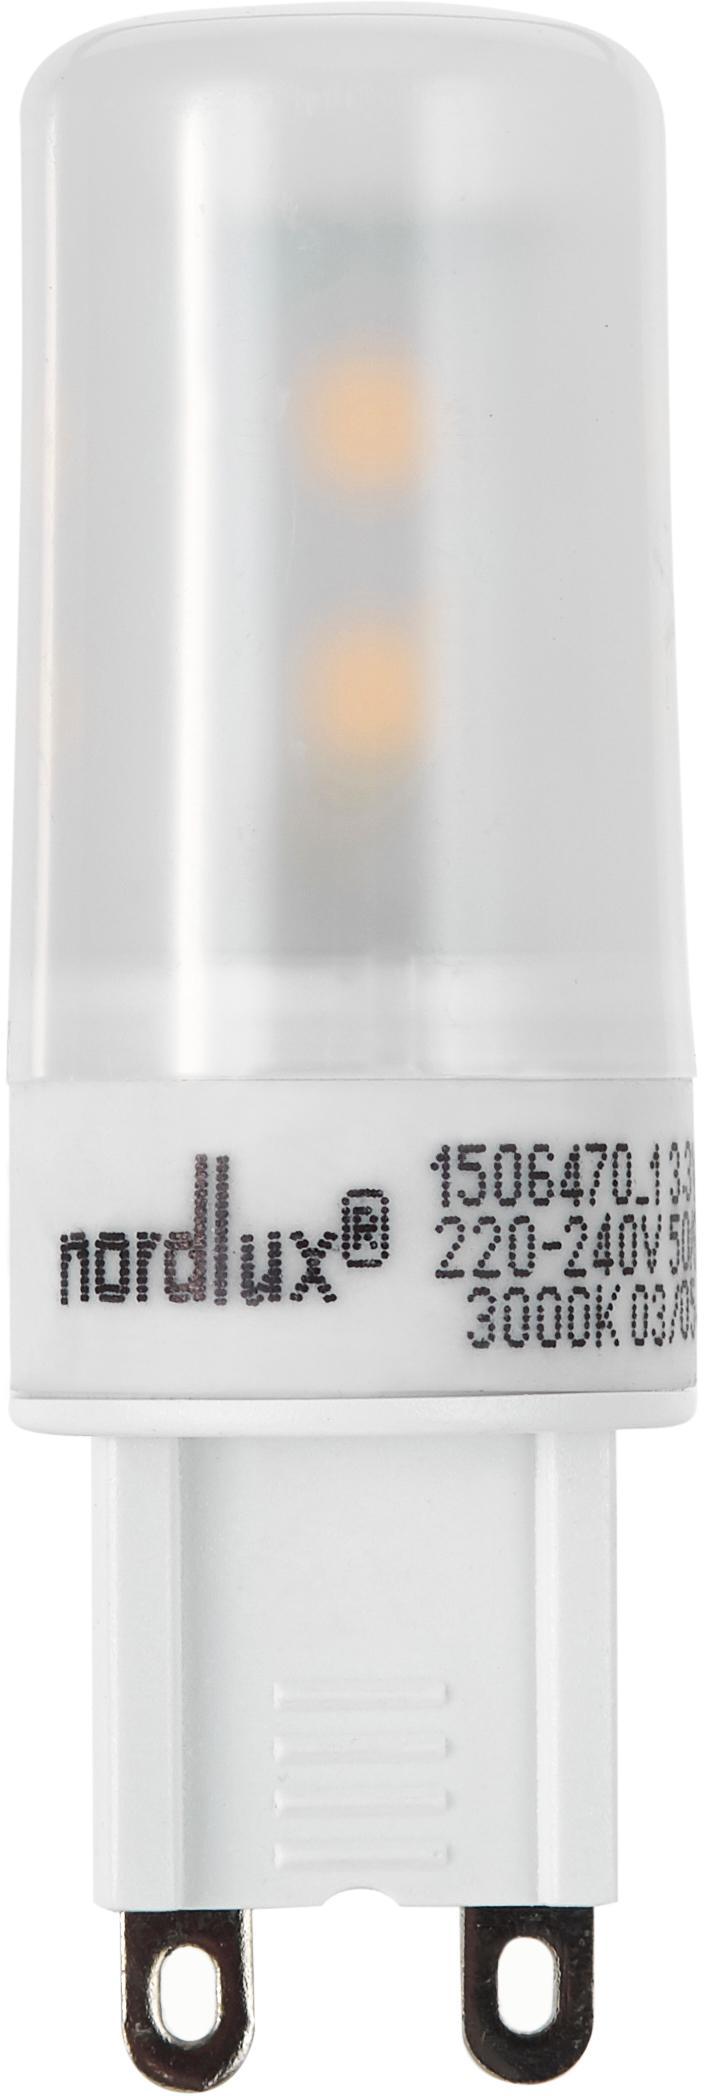 Żarówka LED Gabriel (G9/3,3 W), 5 szt., Transparentny, Ø 2 x W 6 cm